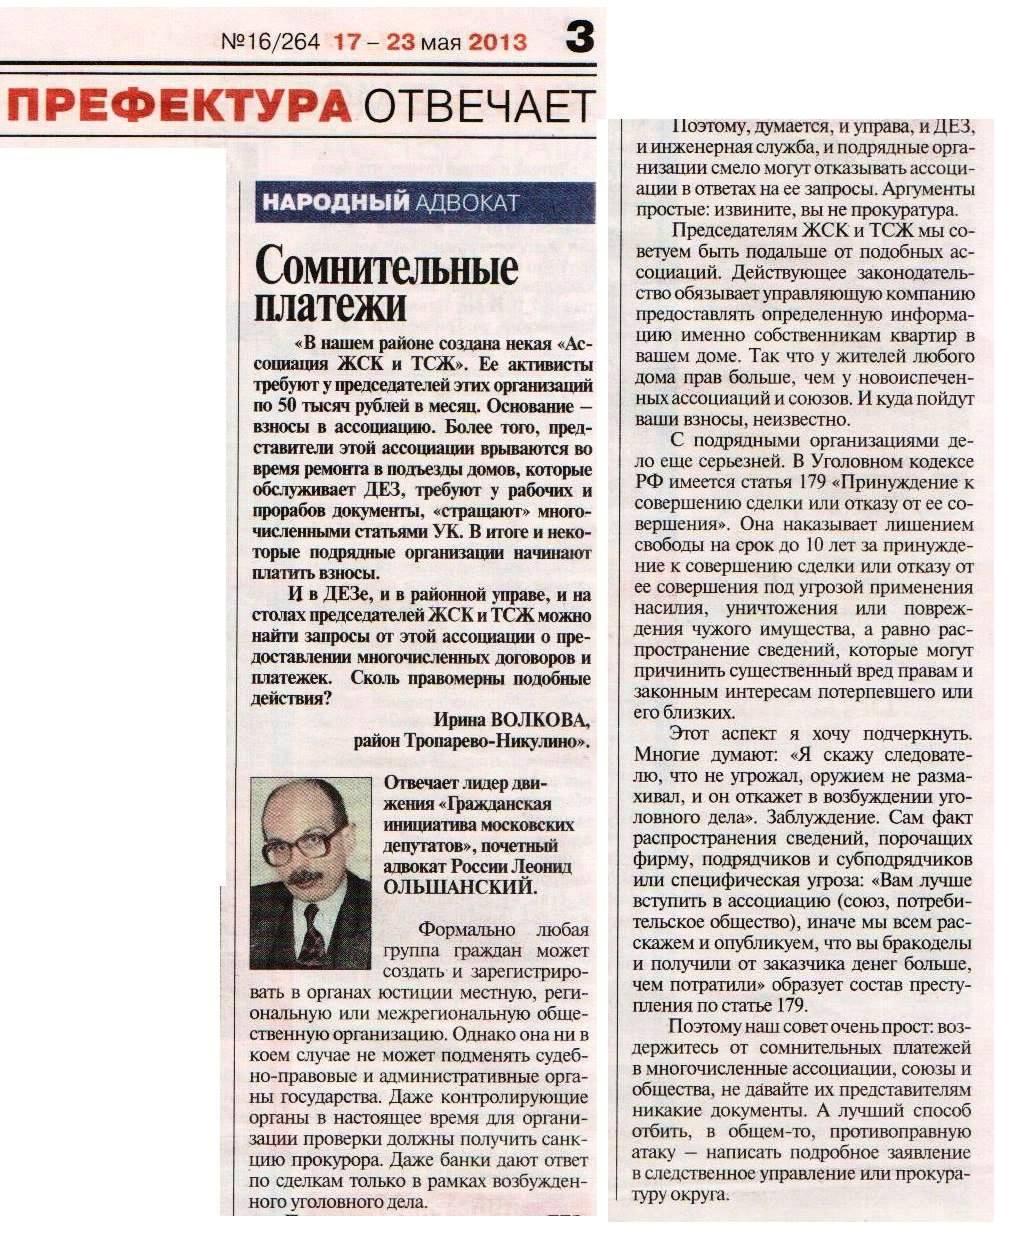 ольшанский  по АСТСЖ